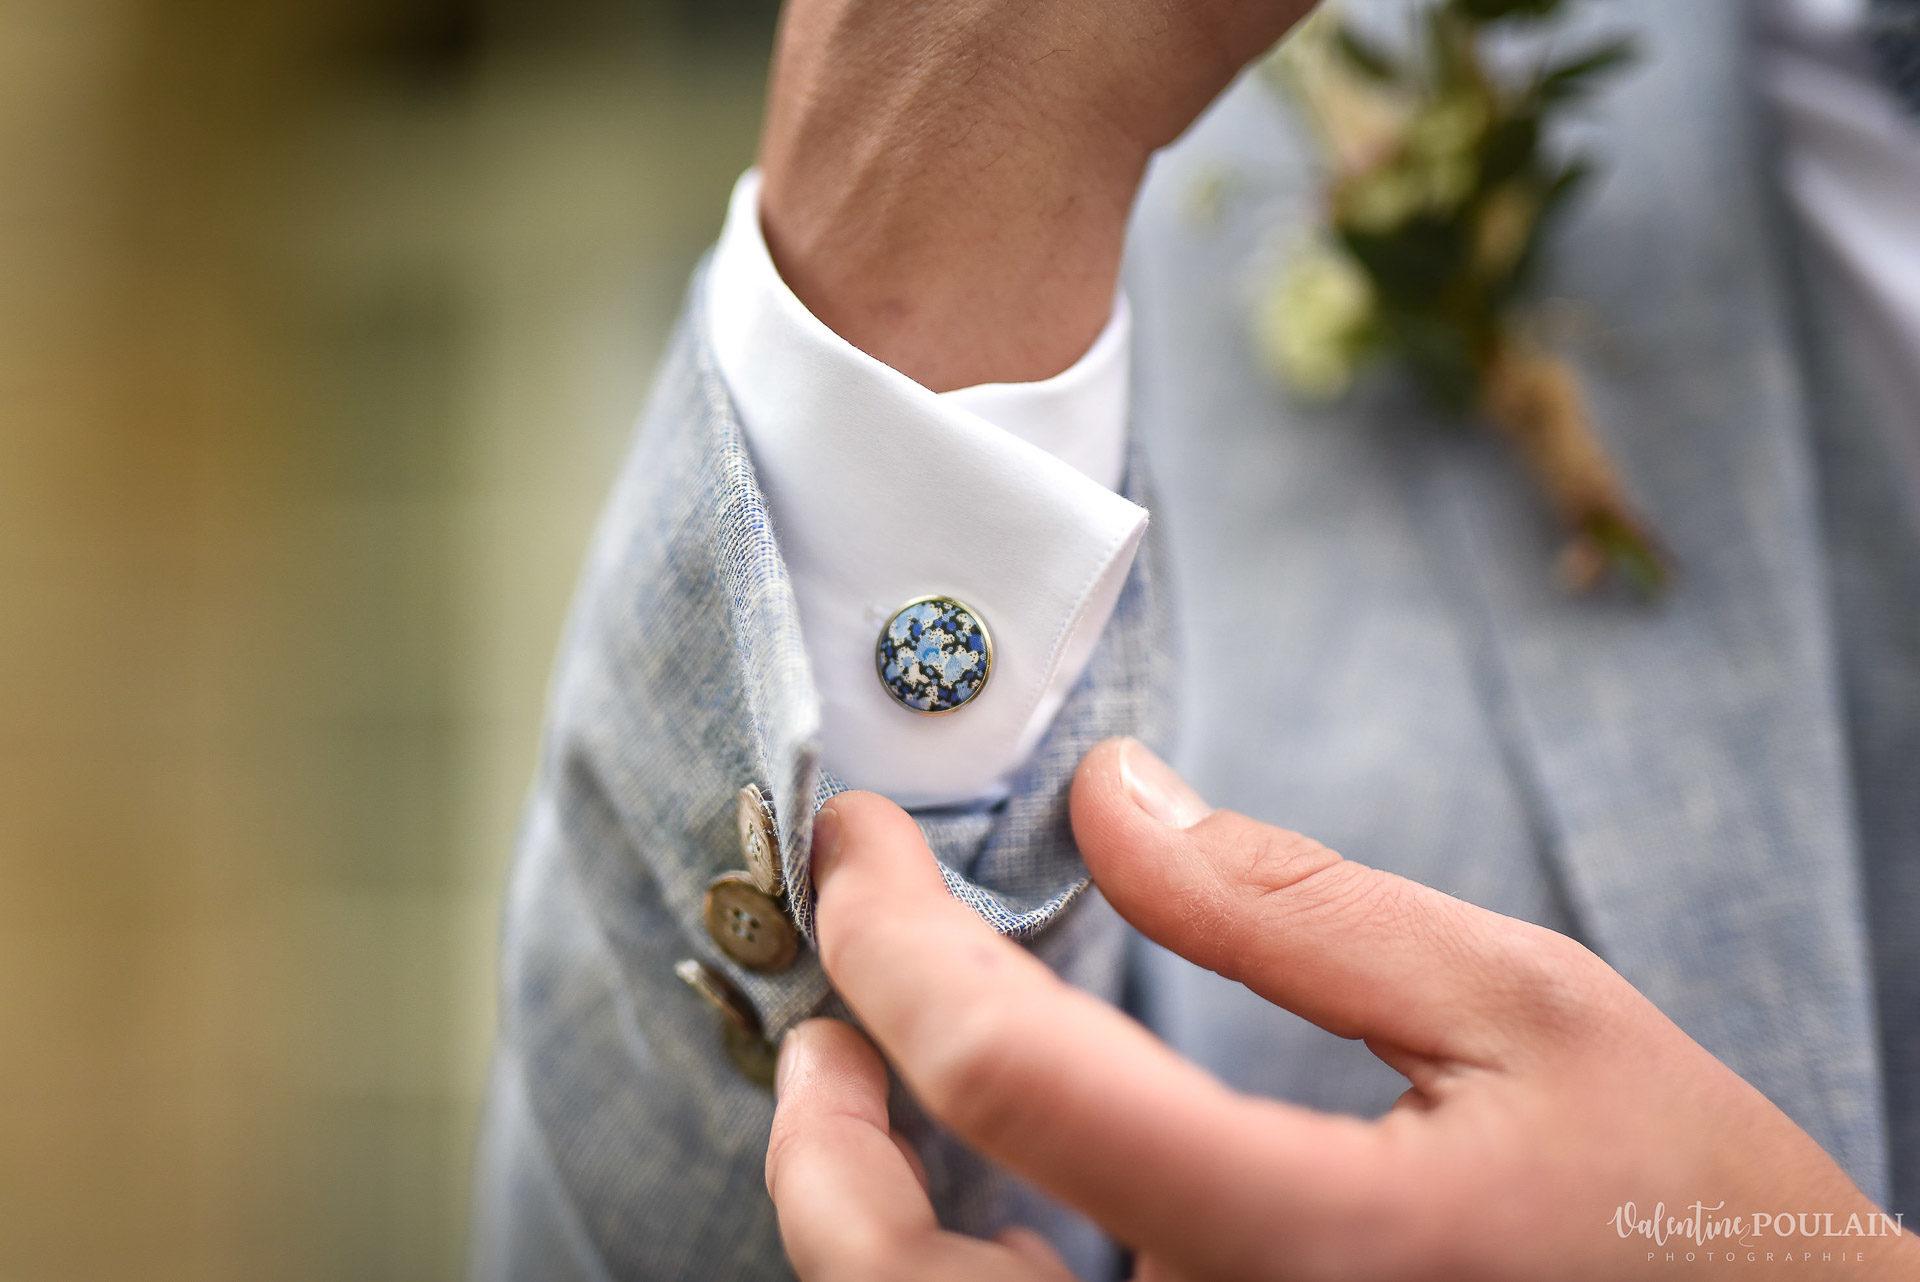 Mariage cité du train bouton manchette - Valentine Poulain